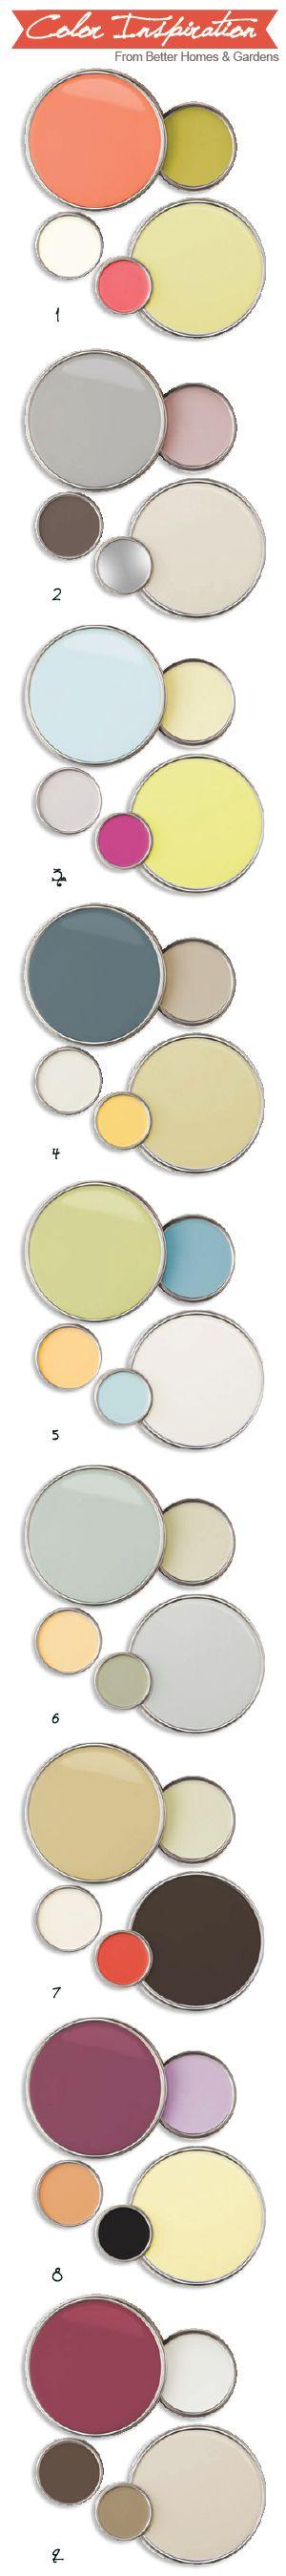 9 Designer Color Palettes | Designers, Inspiration and Gardens